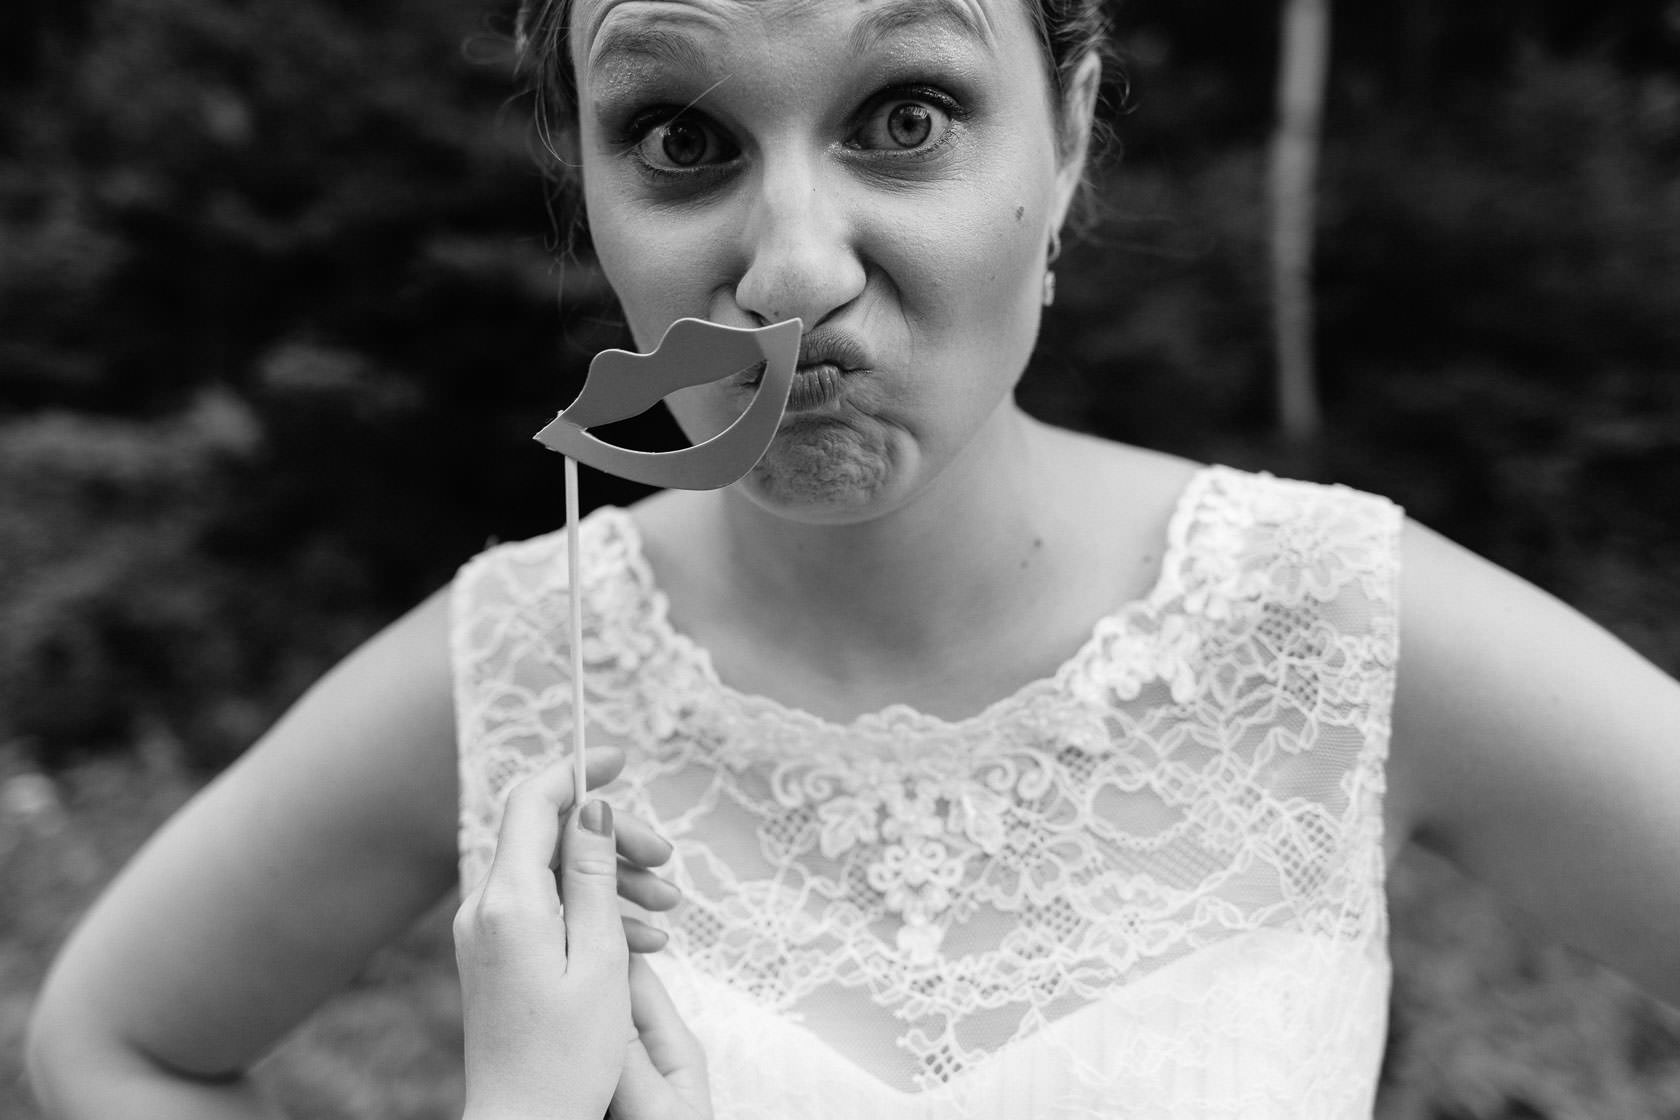 Hochzeitsfotograf Trauhochzeit in der Heidersbacher Muehle Nadine und Michael Natur Hochzeitsreportage Sommer Sonne Gewitter Freie Trauung Reportagefotografie Waghaeusel Mannheim Karlsrue Hochzeitsfotografie Hochzeitsfotos